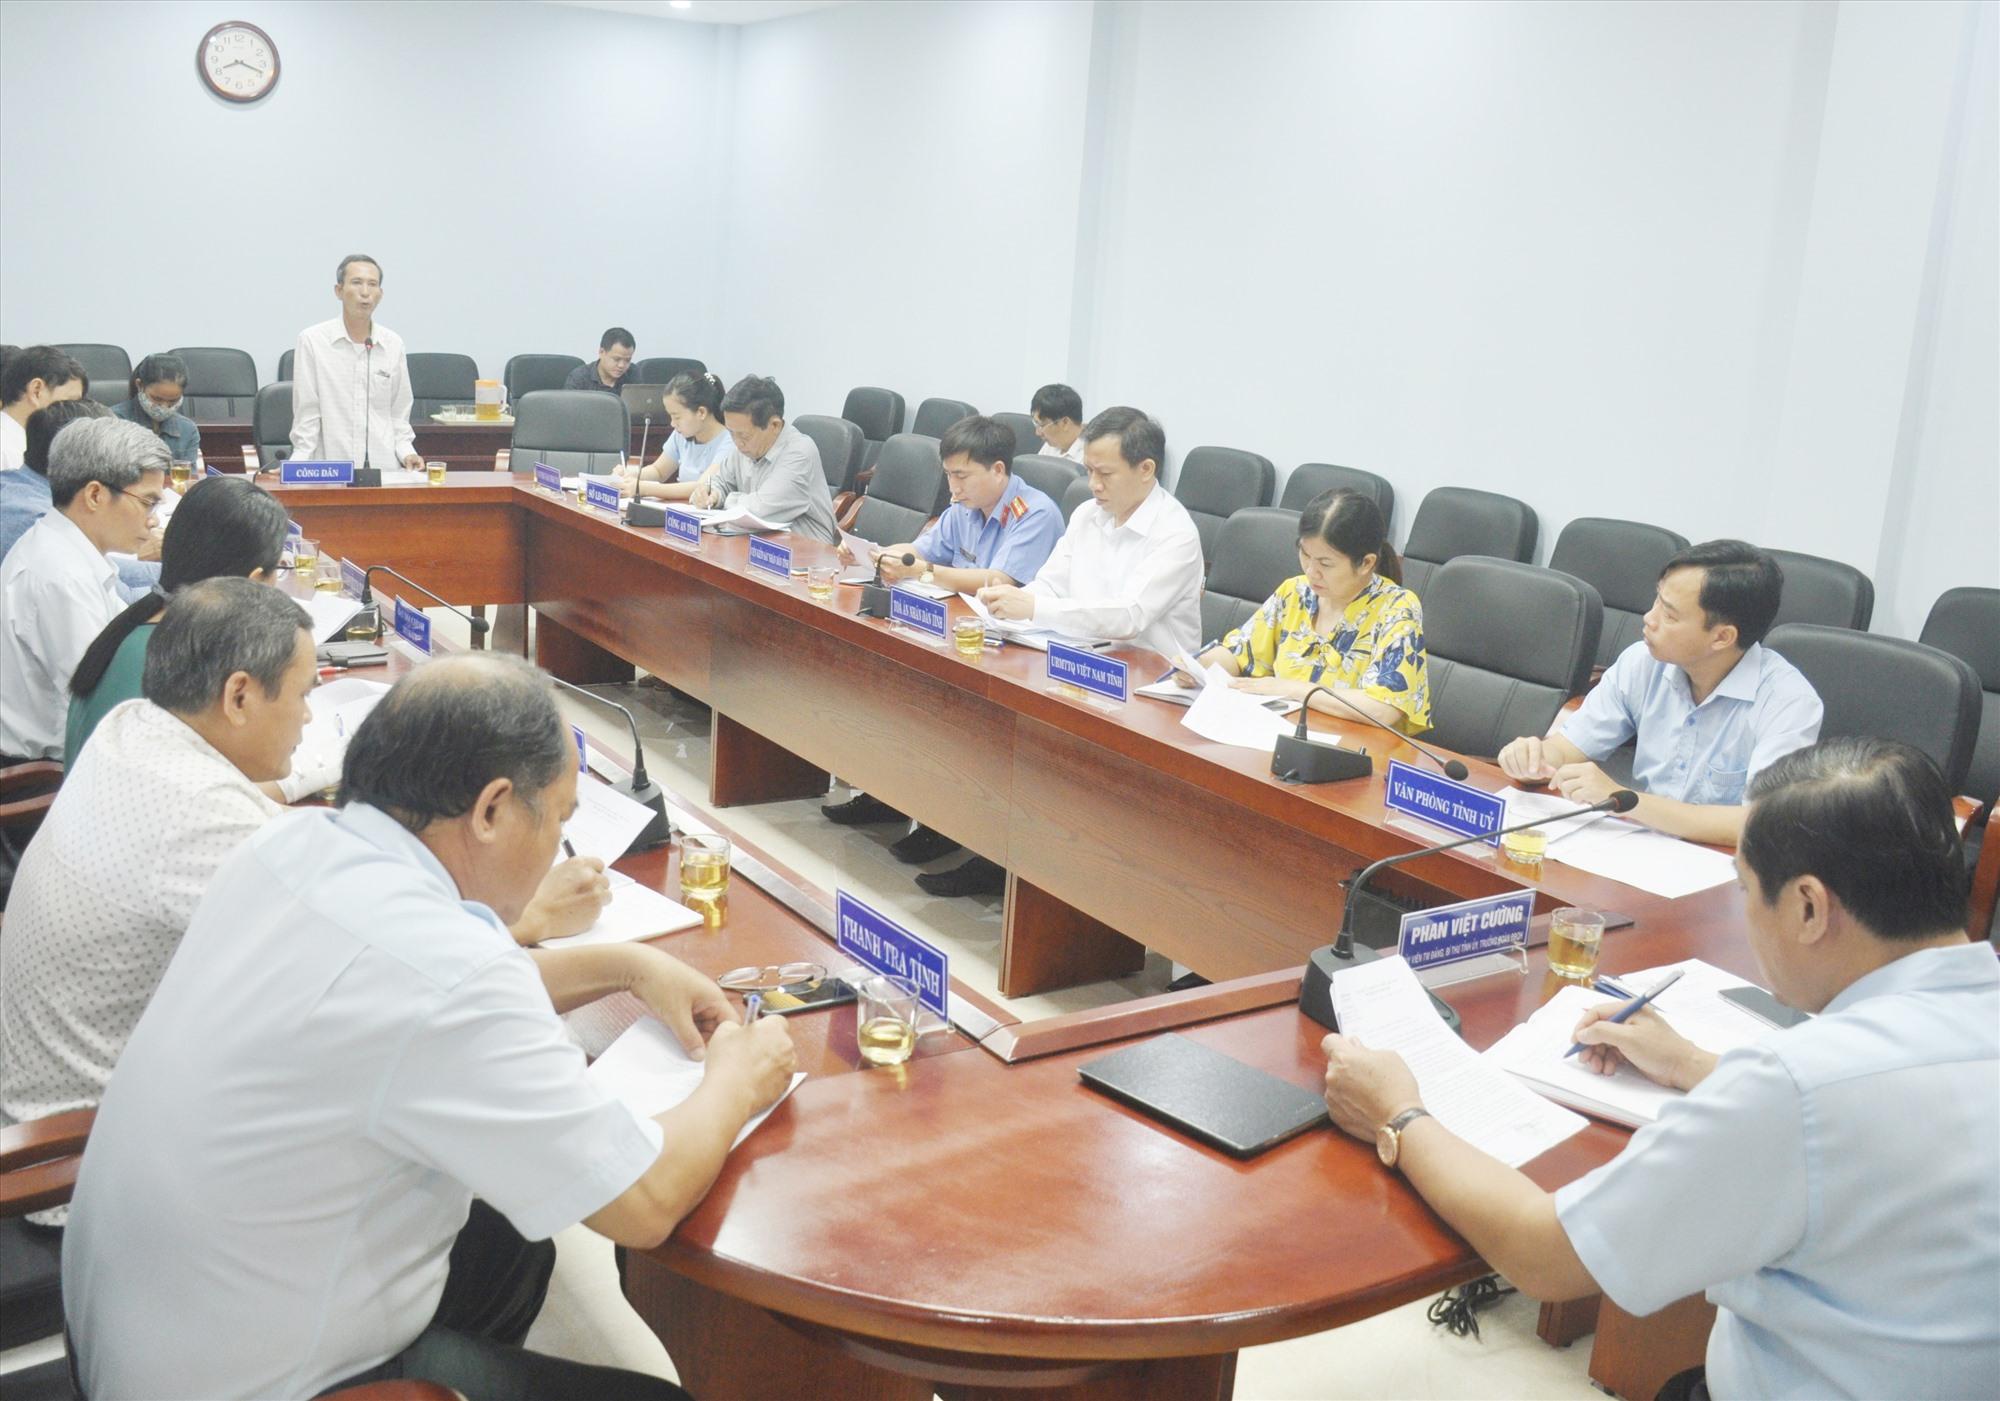 Ông Nguyễn Ái trình bày sự việc đã hơn 20 năm nhưng chưa được nhận sỏ đỏ tại cuộc tiếp dân tháng 9.2020 của Thường trực Tỉnh ủy. Ảnh: N.Đ